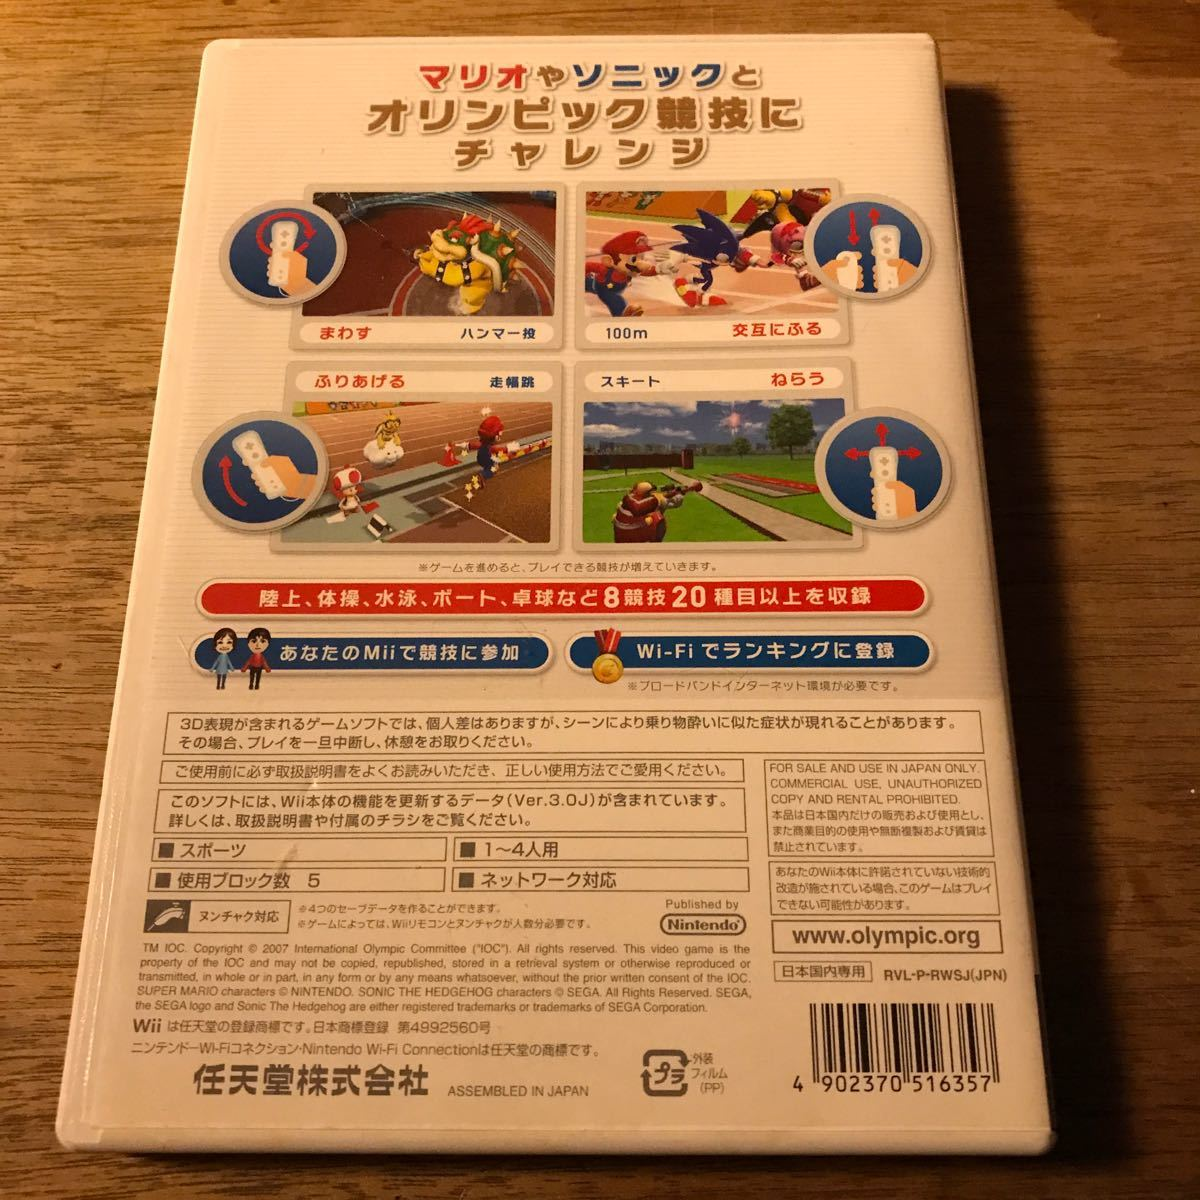 マリオ&ソニックAT北京オリンピック Wii